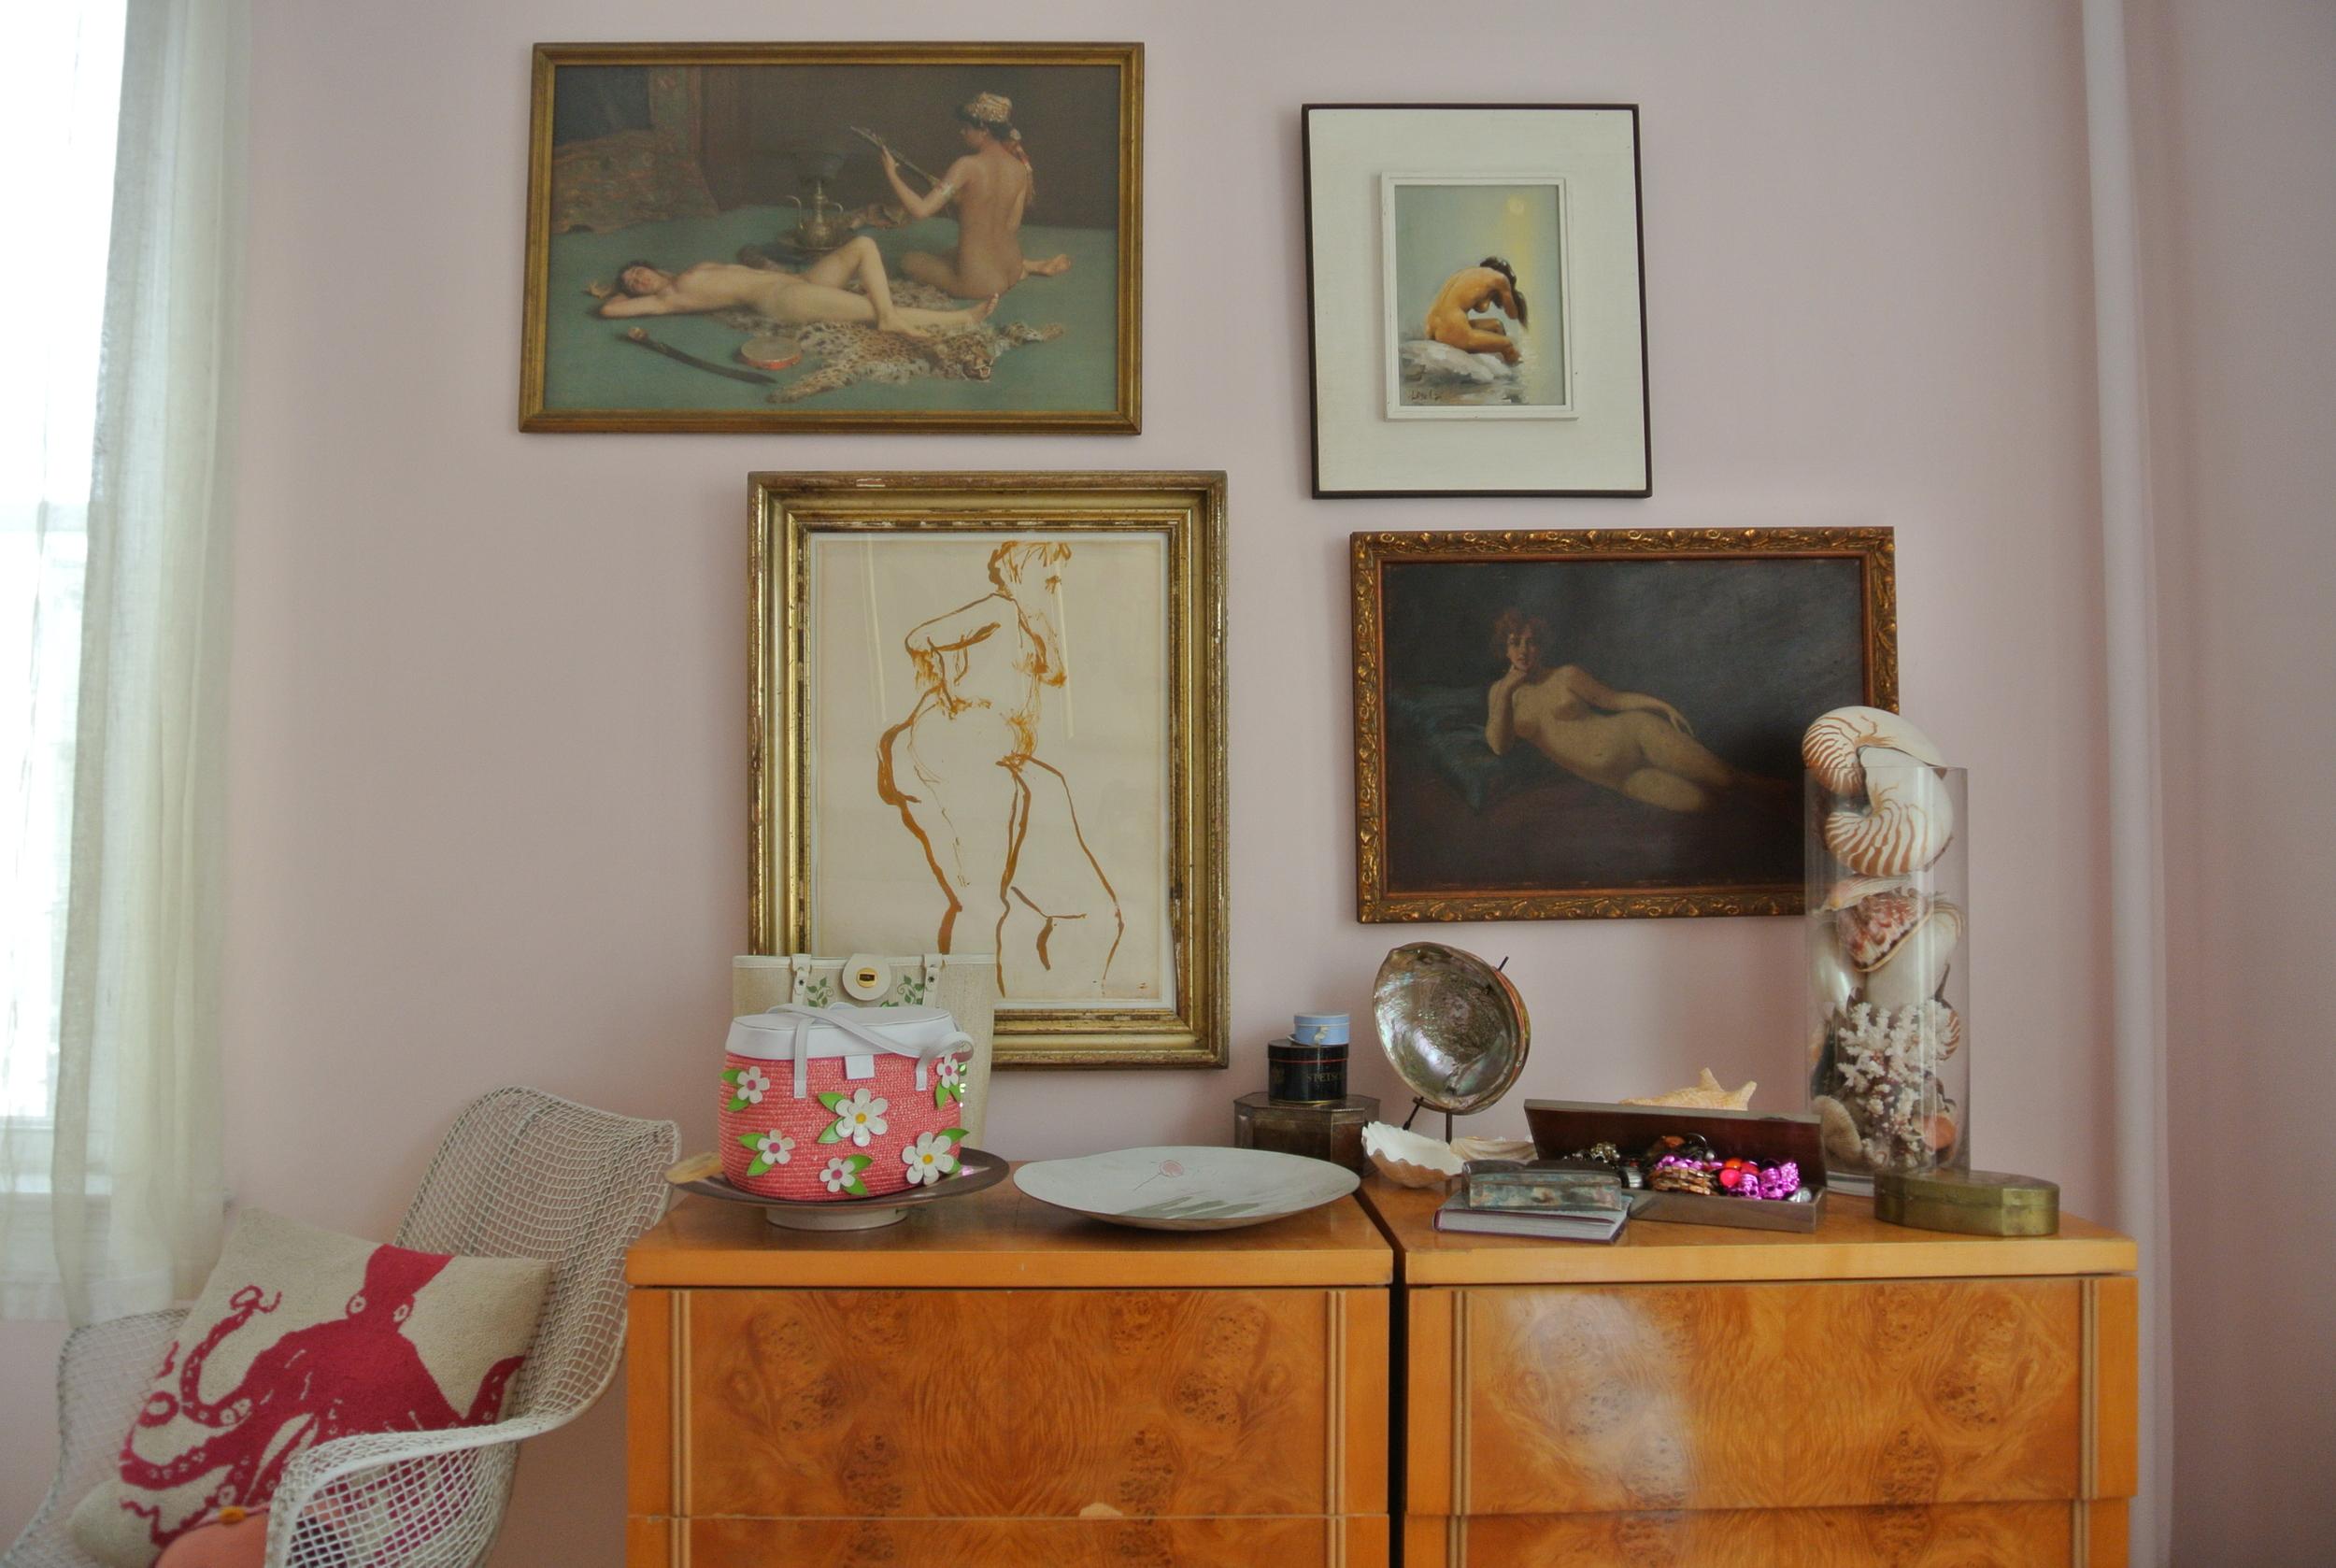 trouvé+magazine+miss+pixie+home+tour+washingtondc